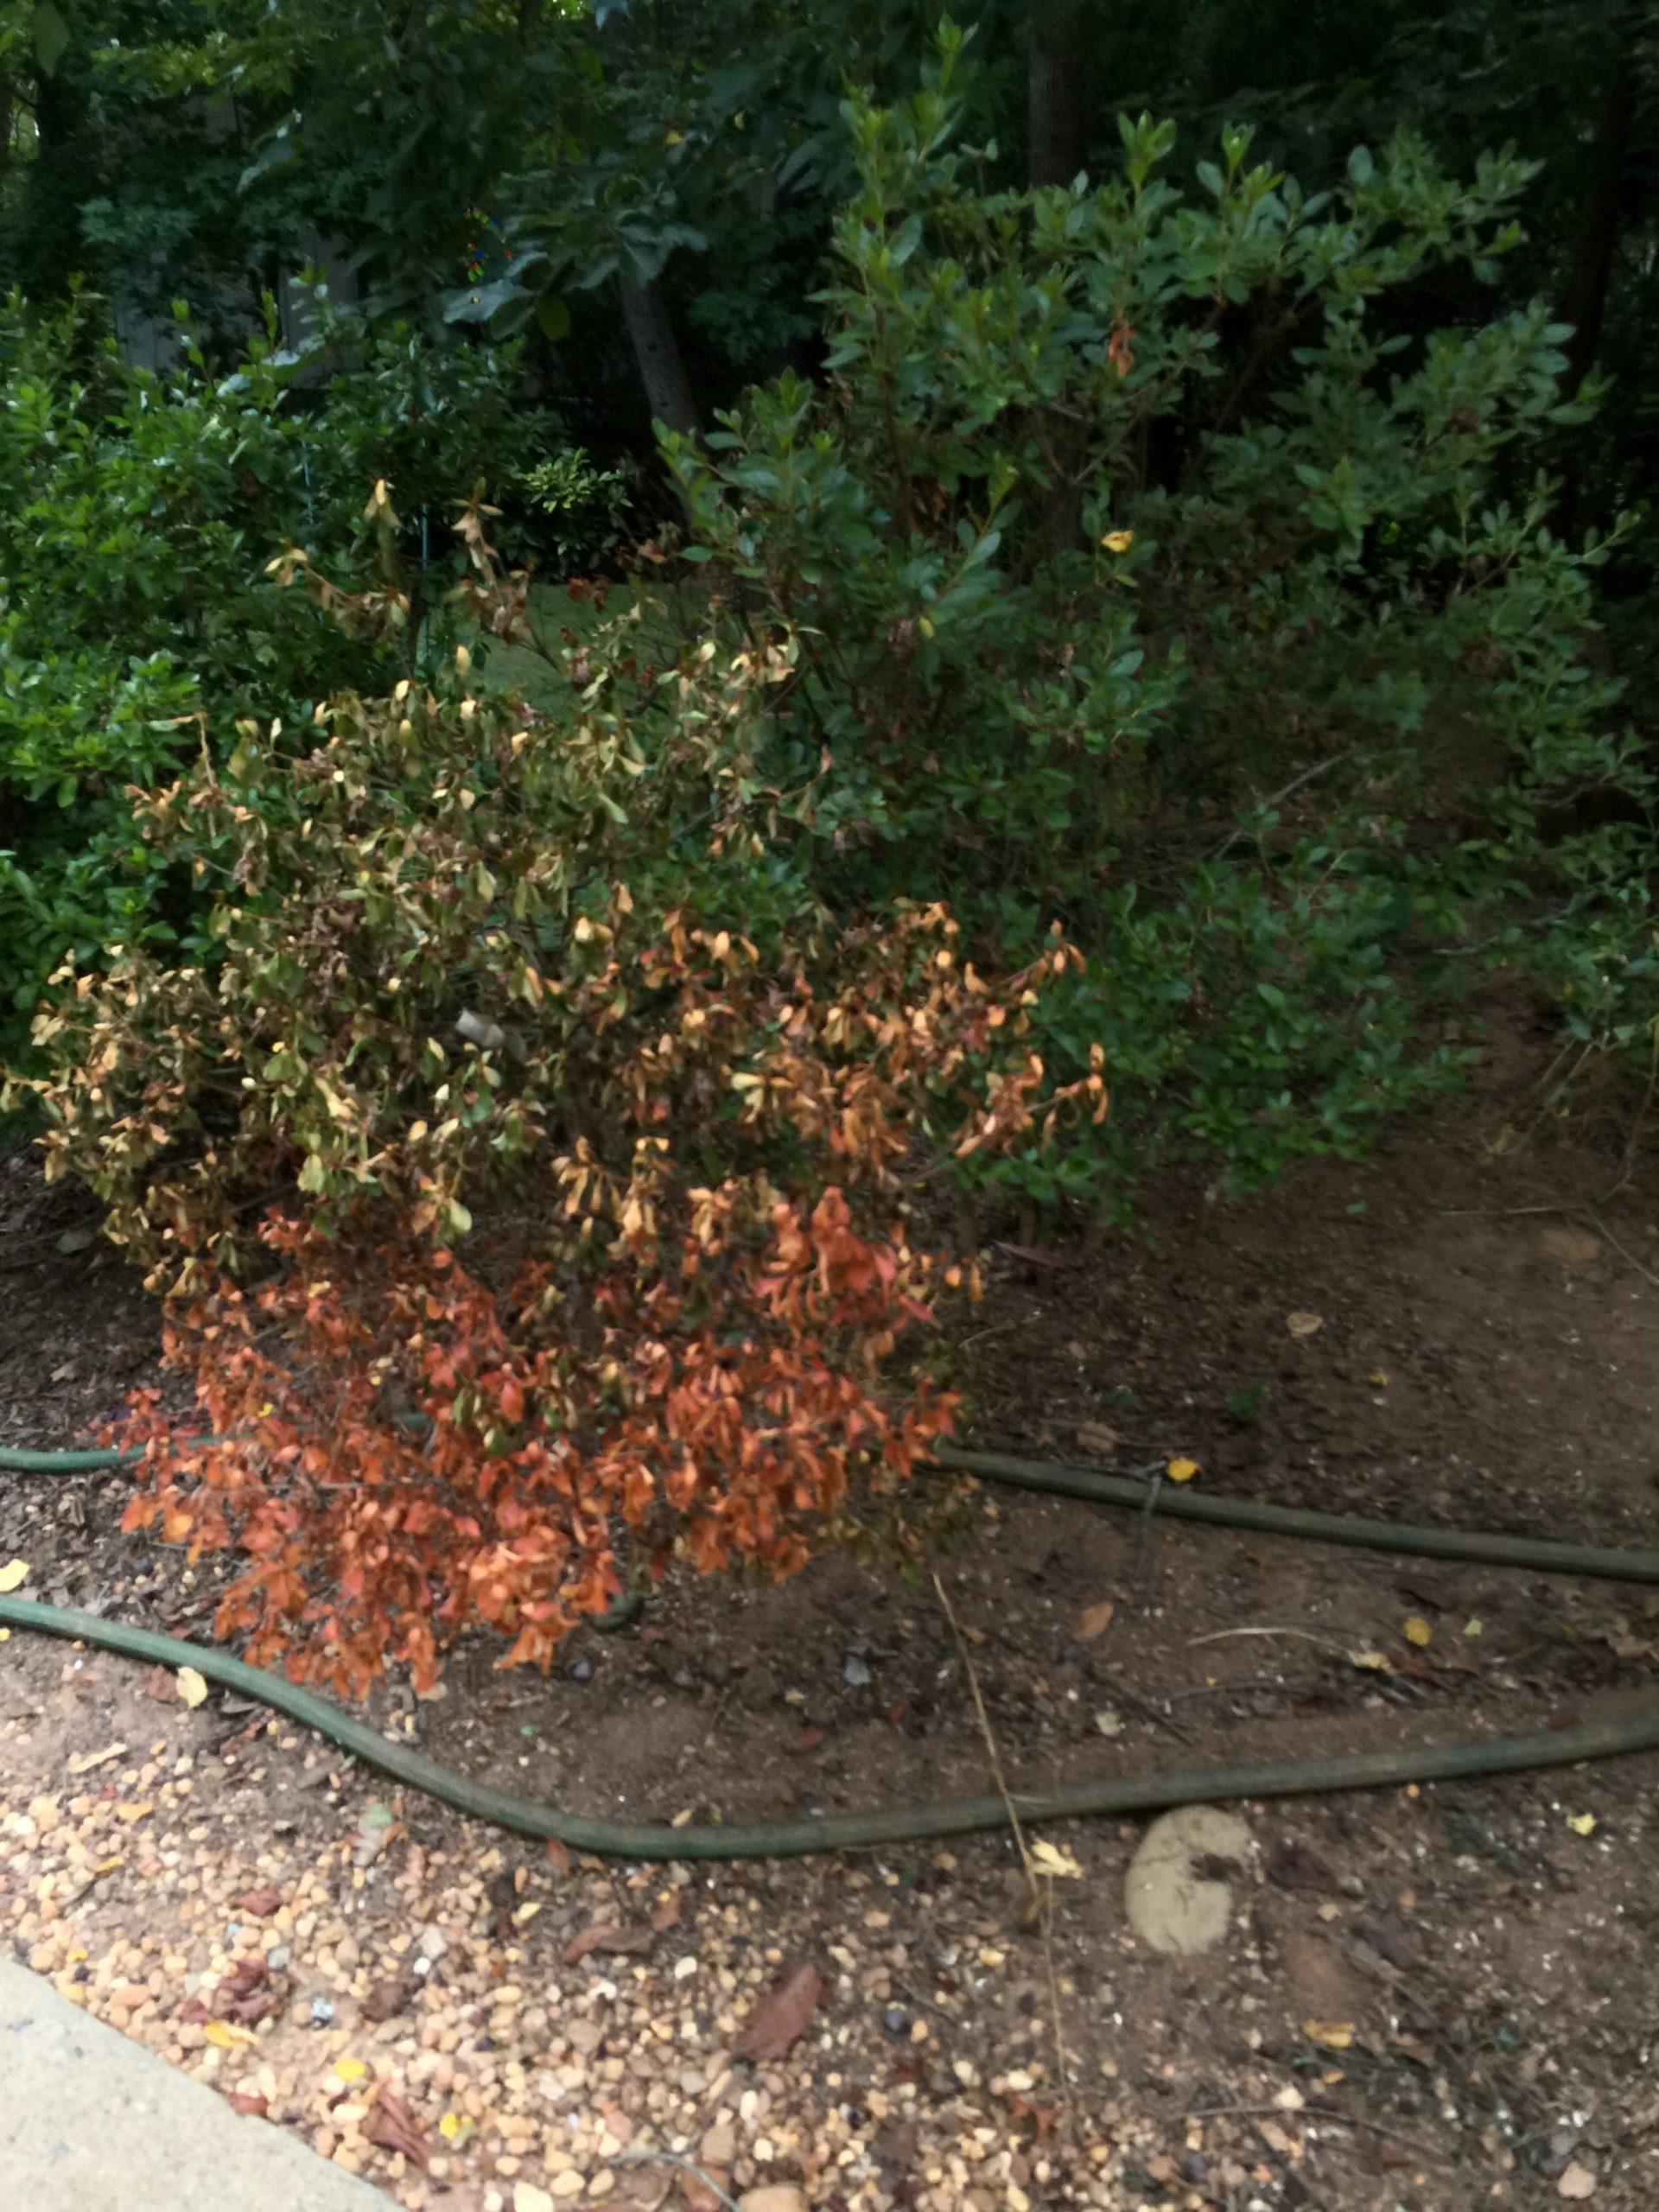 azalea drought damage 1